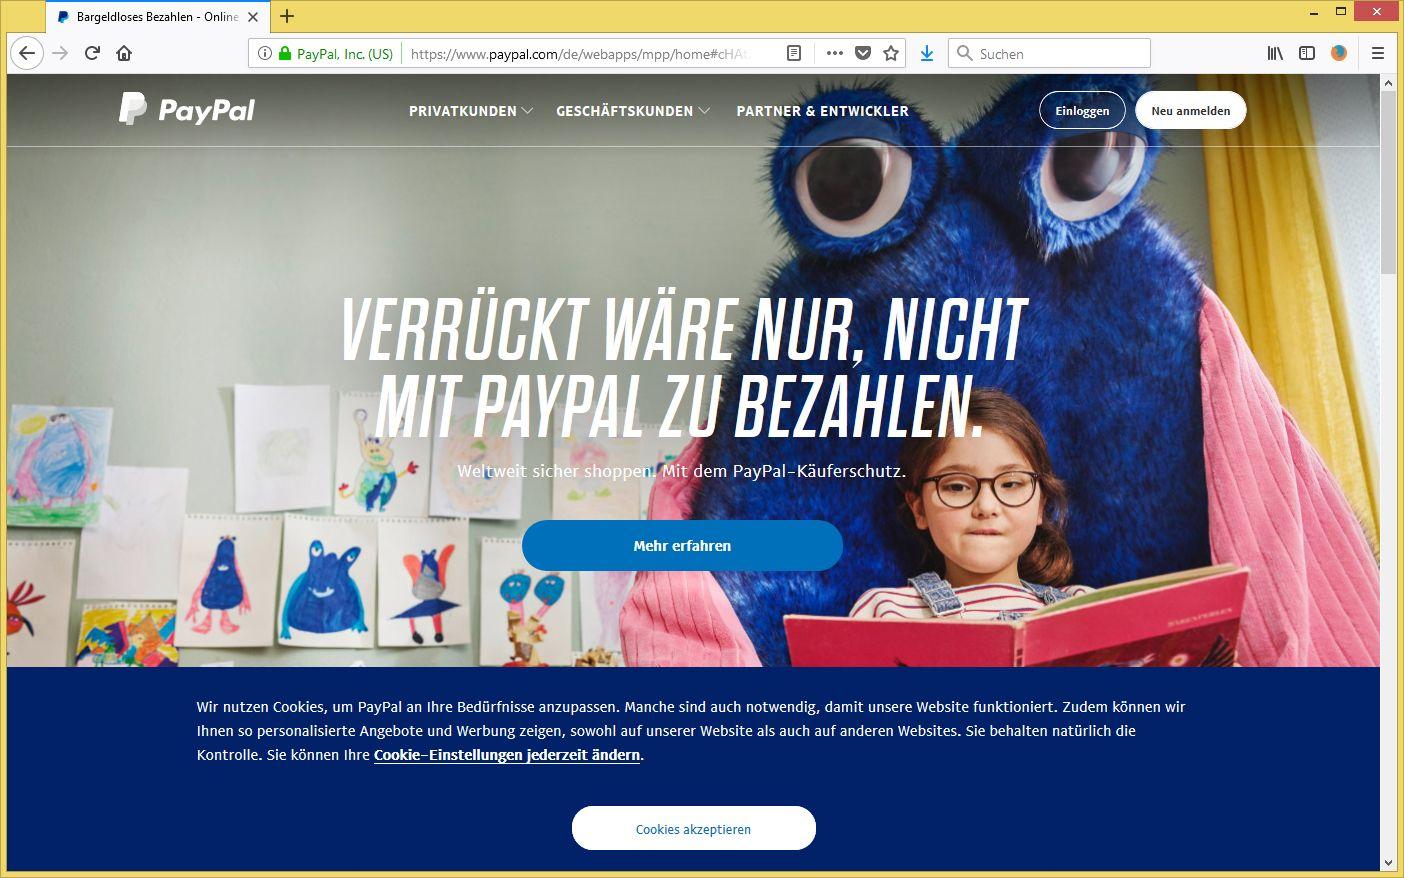 Paypal Identitätsdiebstahl